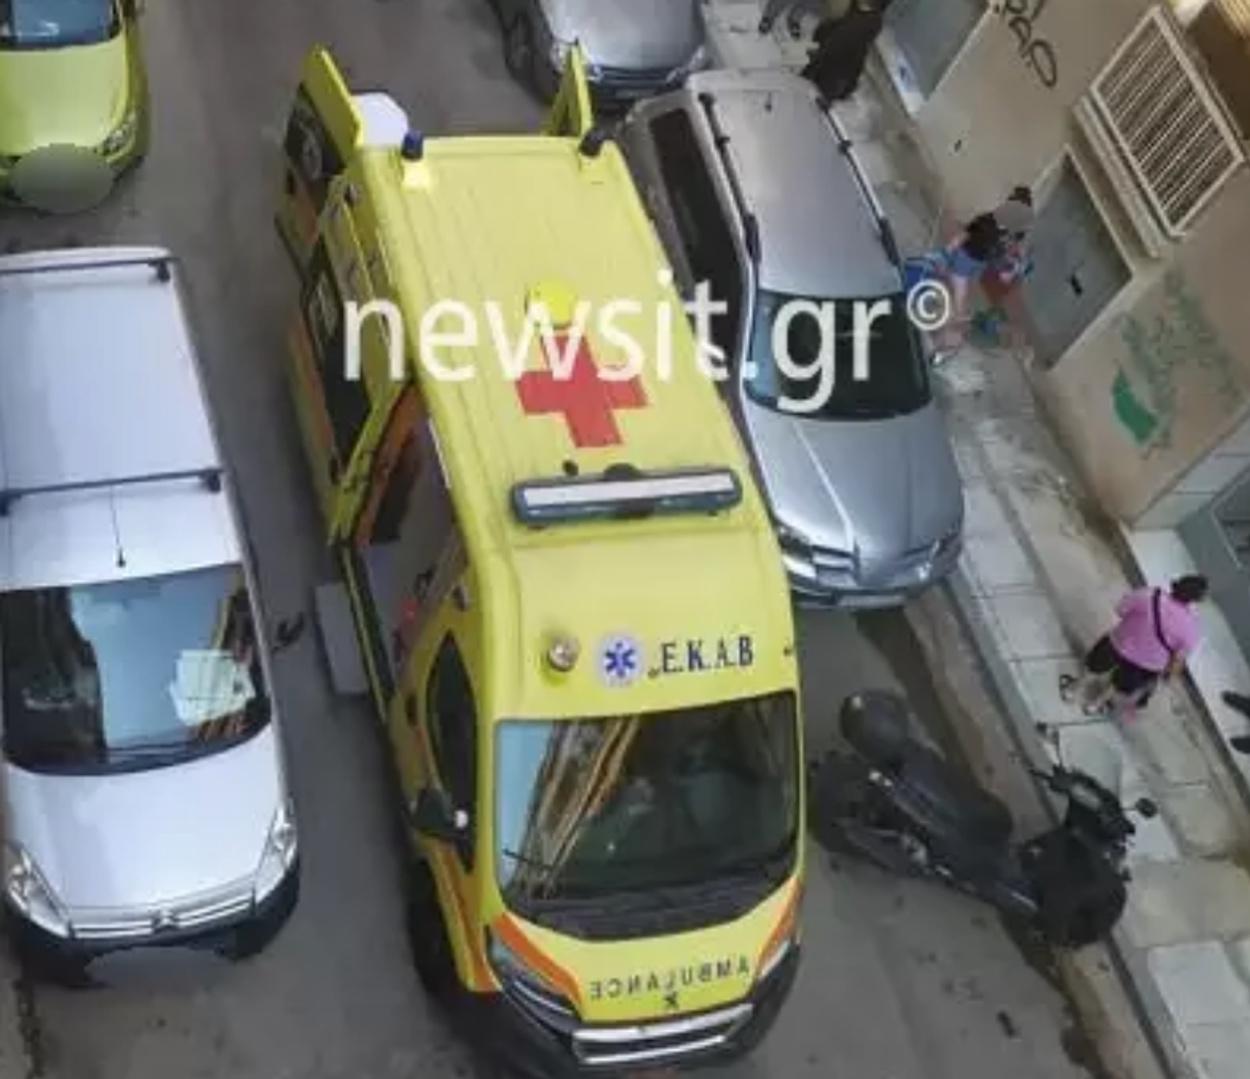 Πέθανε ο 30χρονος που καταπλακώθηκε από ασανσέρ στο Παγκράτι